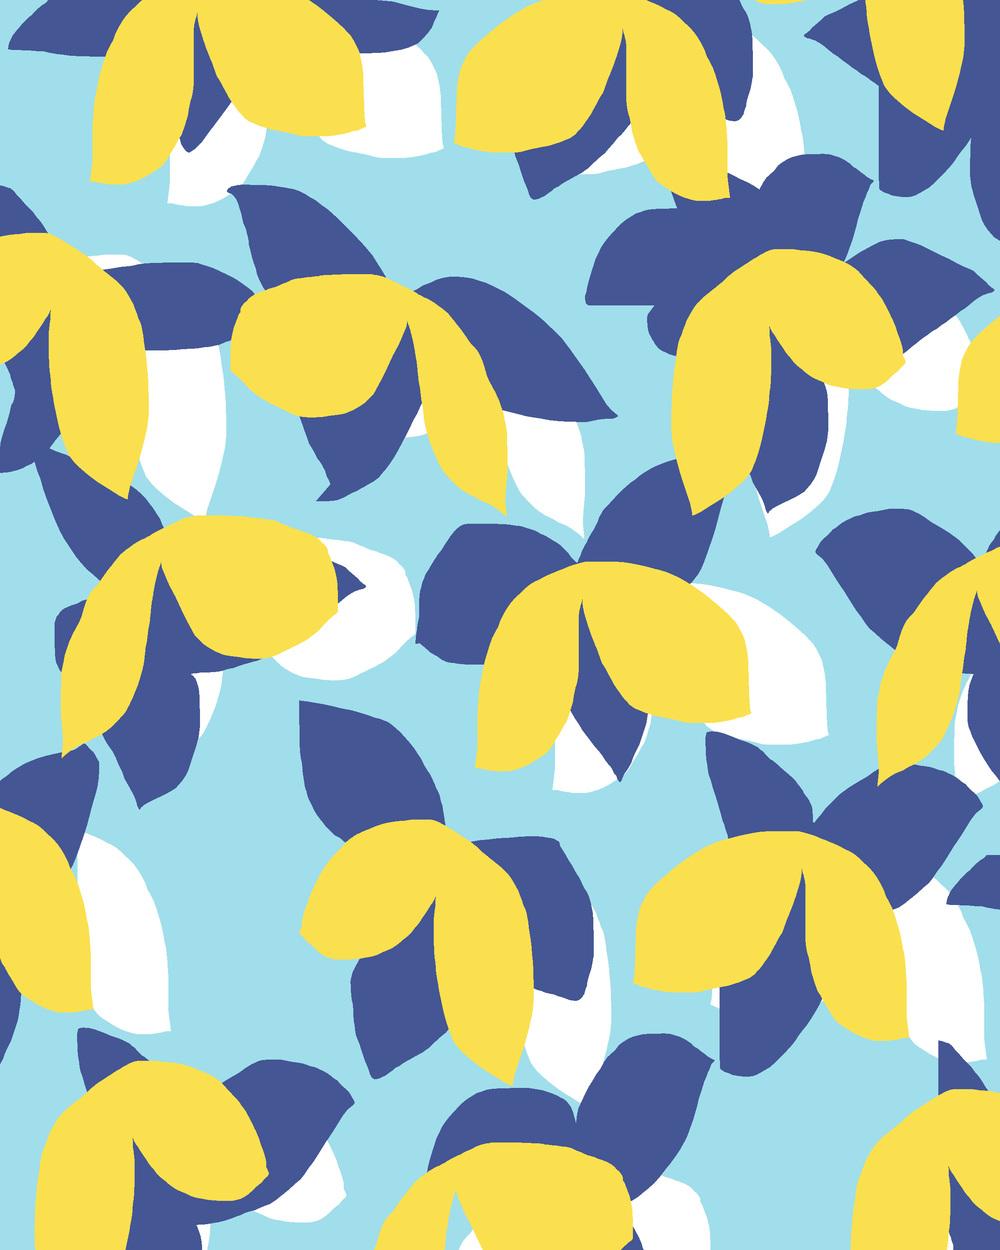 pattern1 dawg yawp copy.jpg